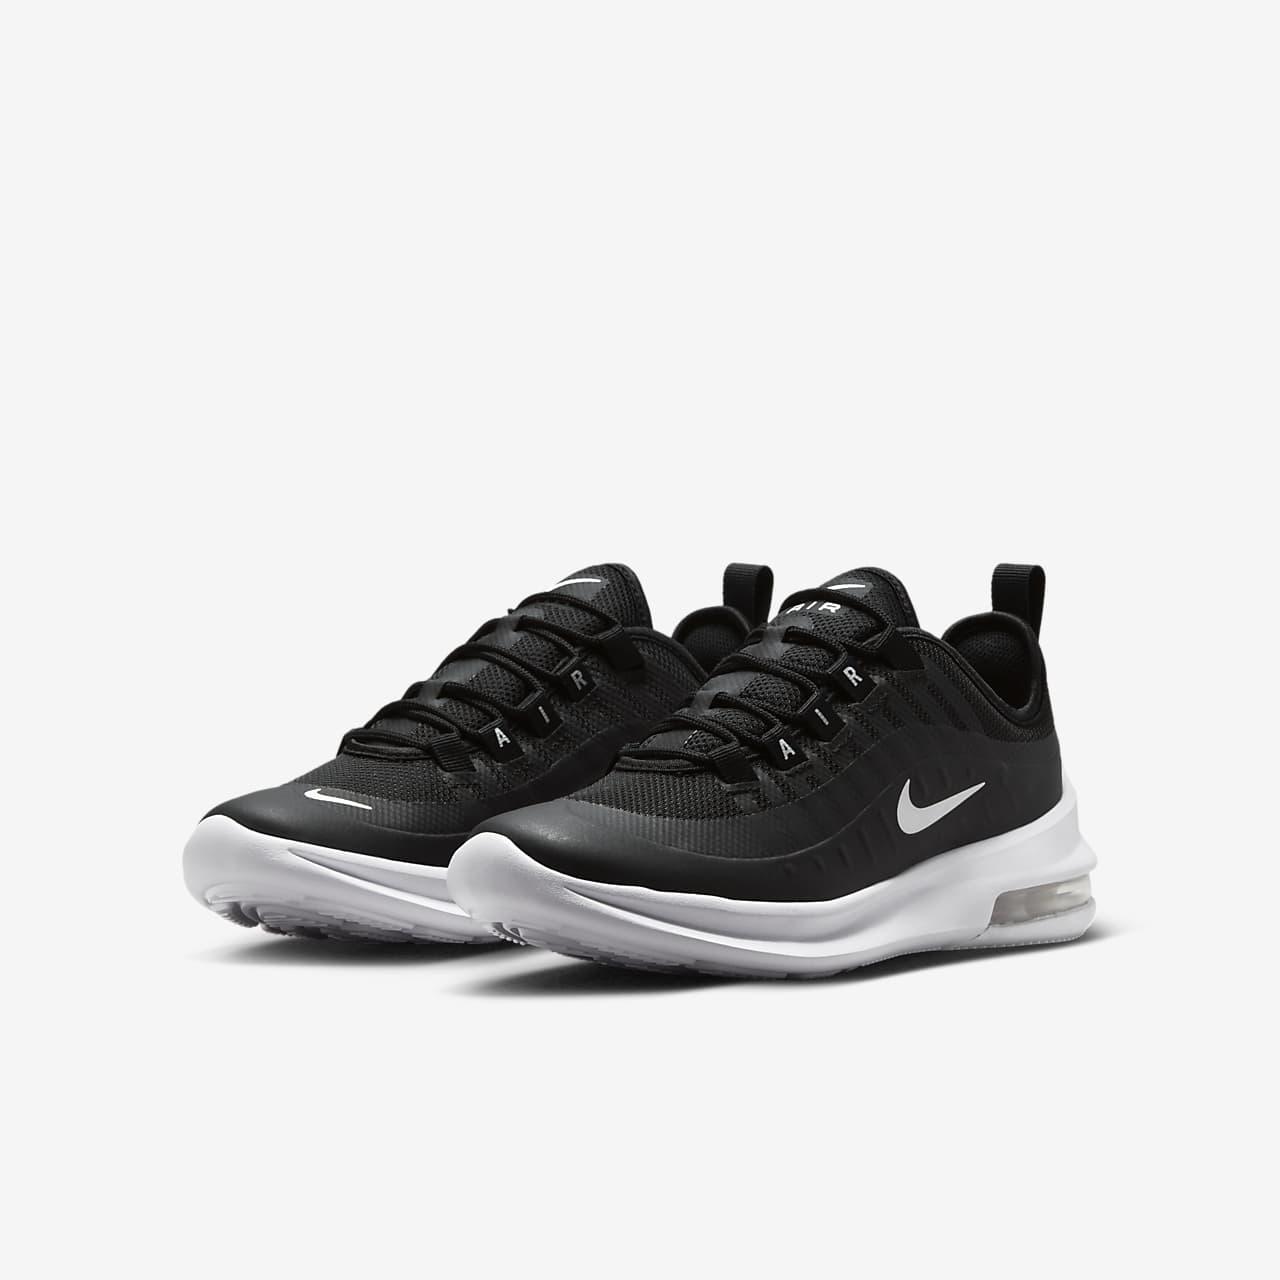 pretty nice a2783 8d265 ... Nike Air Max Axis (gs) Big Kids Ah5222-006   Running  Scarpa ...